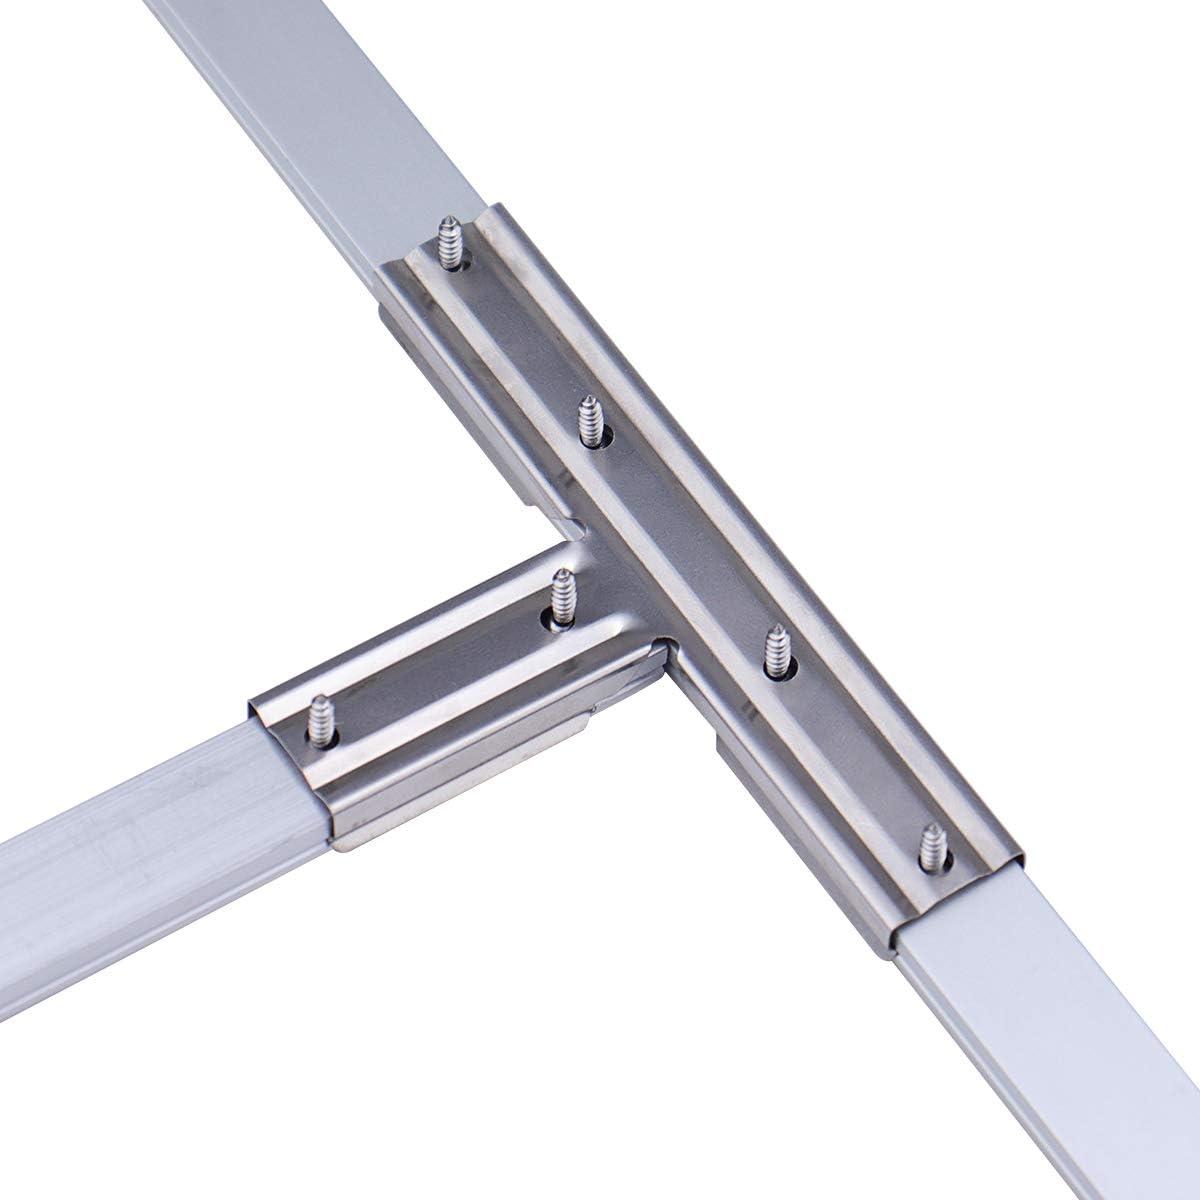 Muzata 10PCS Cross Connectors Adaptor and 6-Pack U1SW U Shape LED Aluminum Channel System